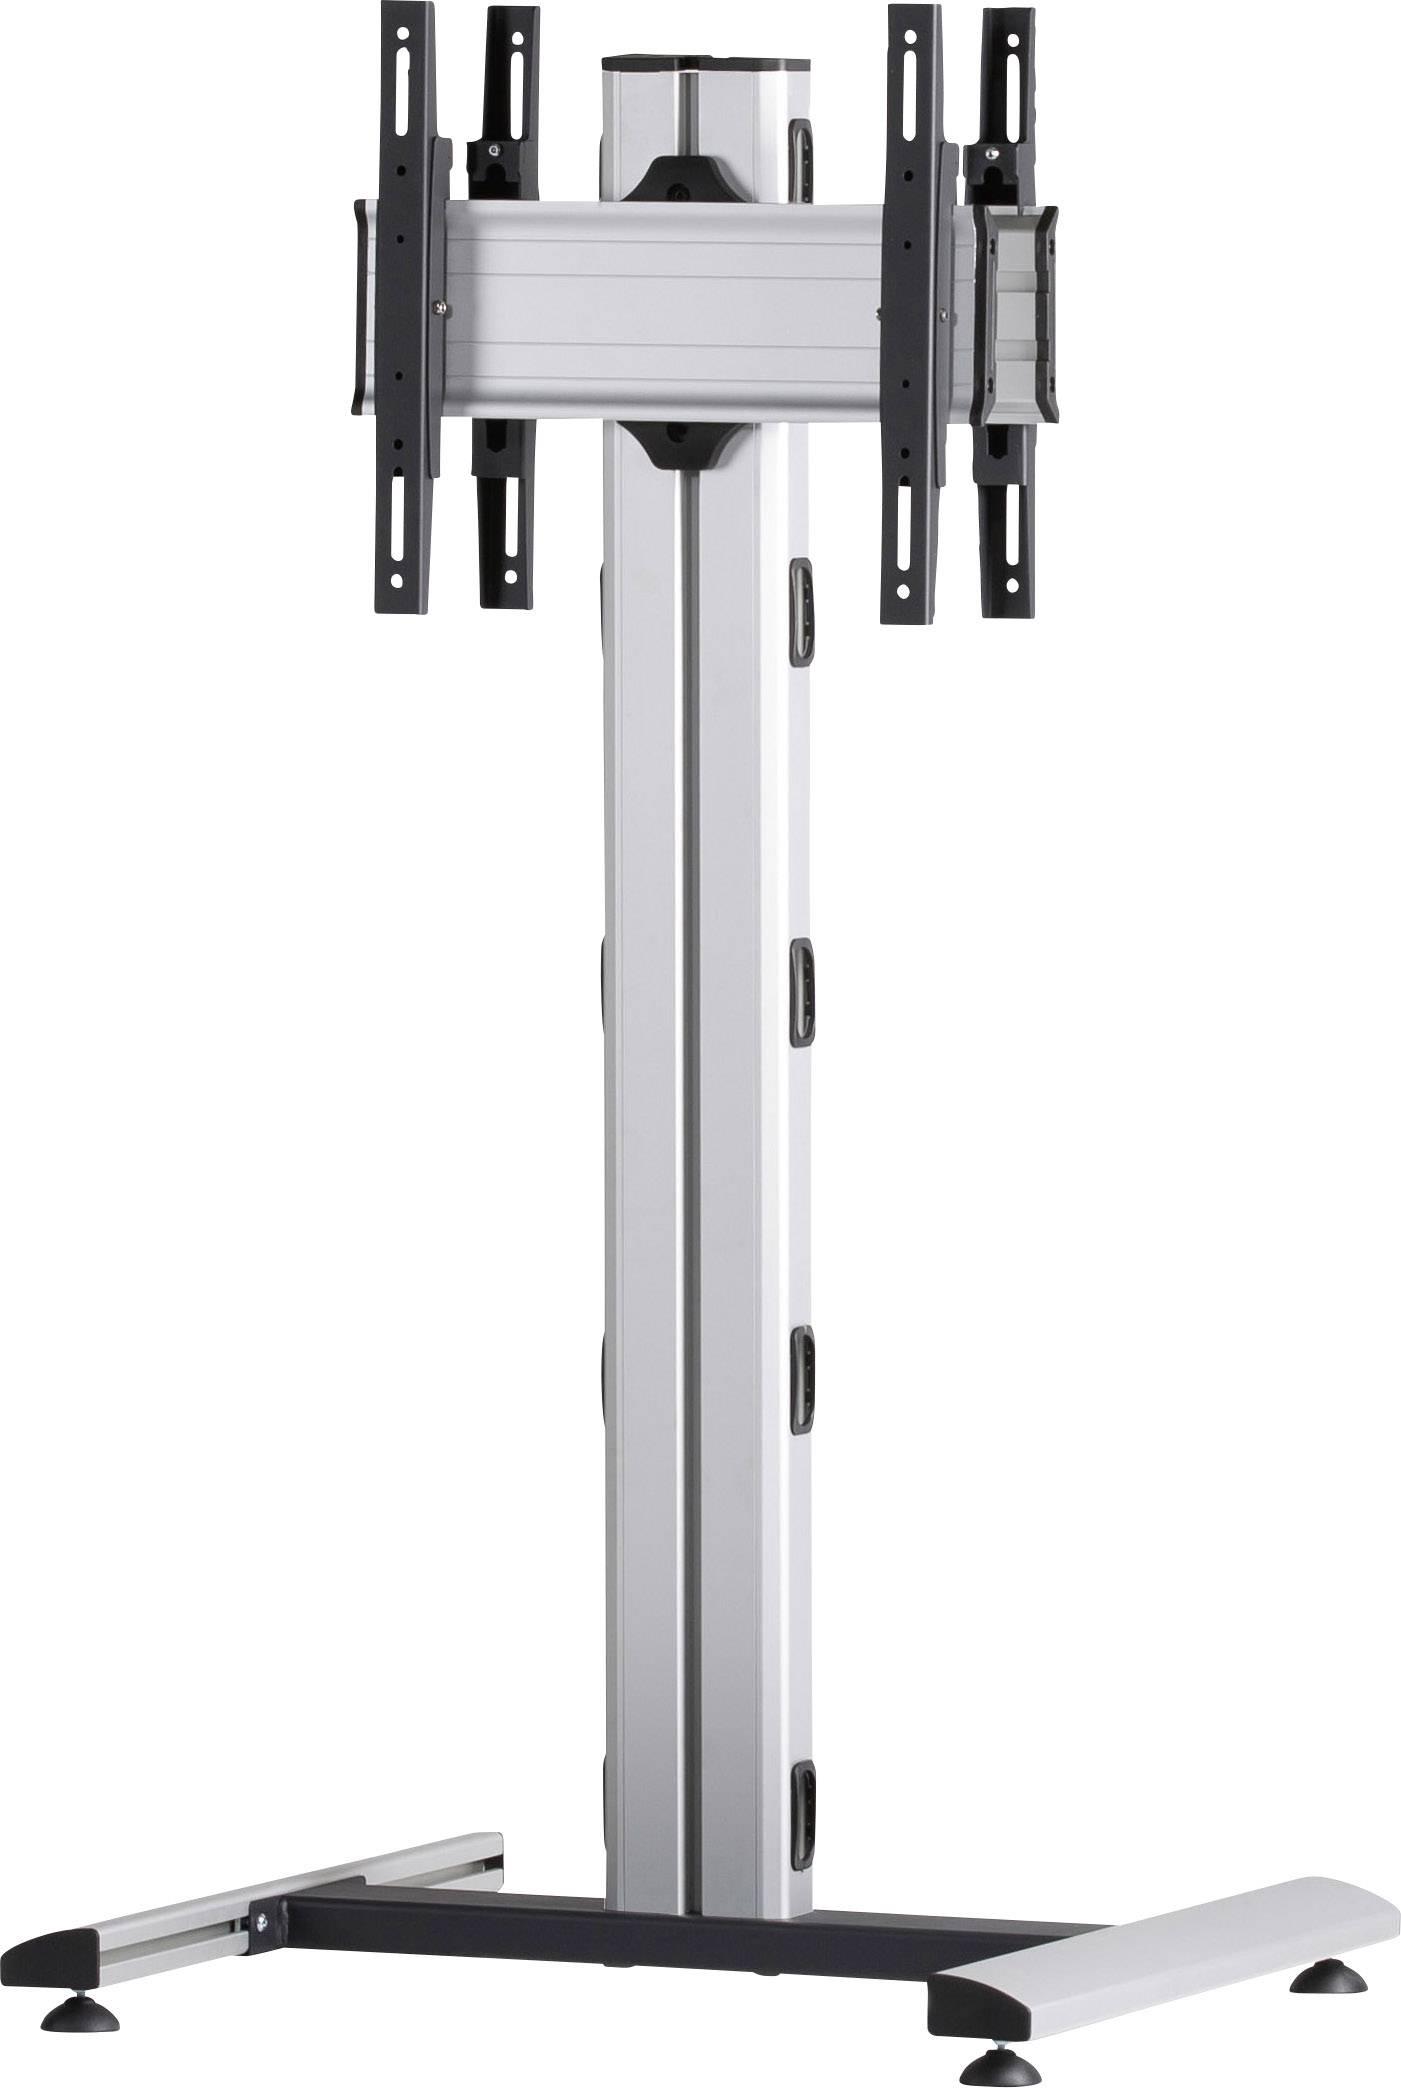 M12 x 50 pied ajustable inclinable avec un socle 55 mm